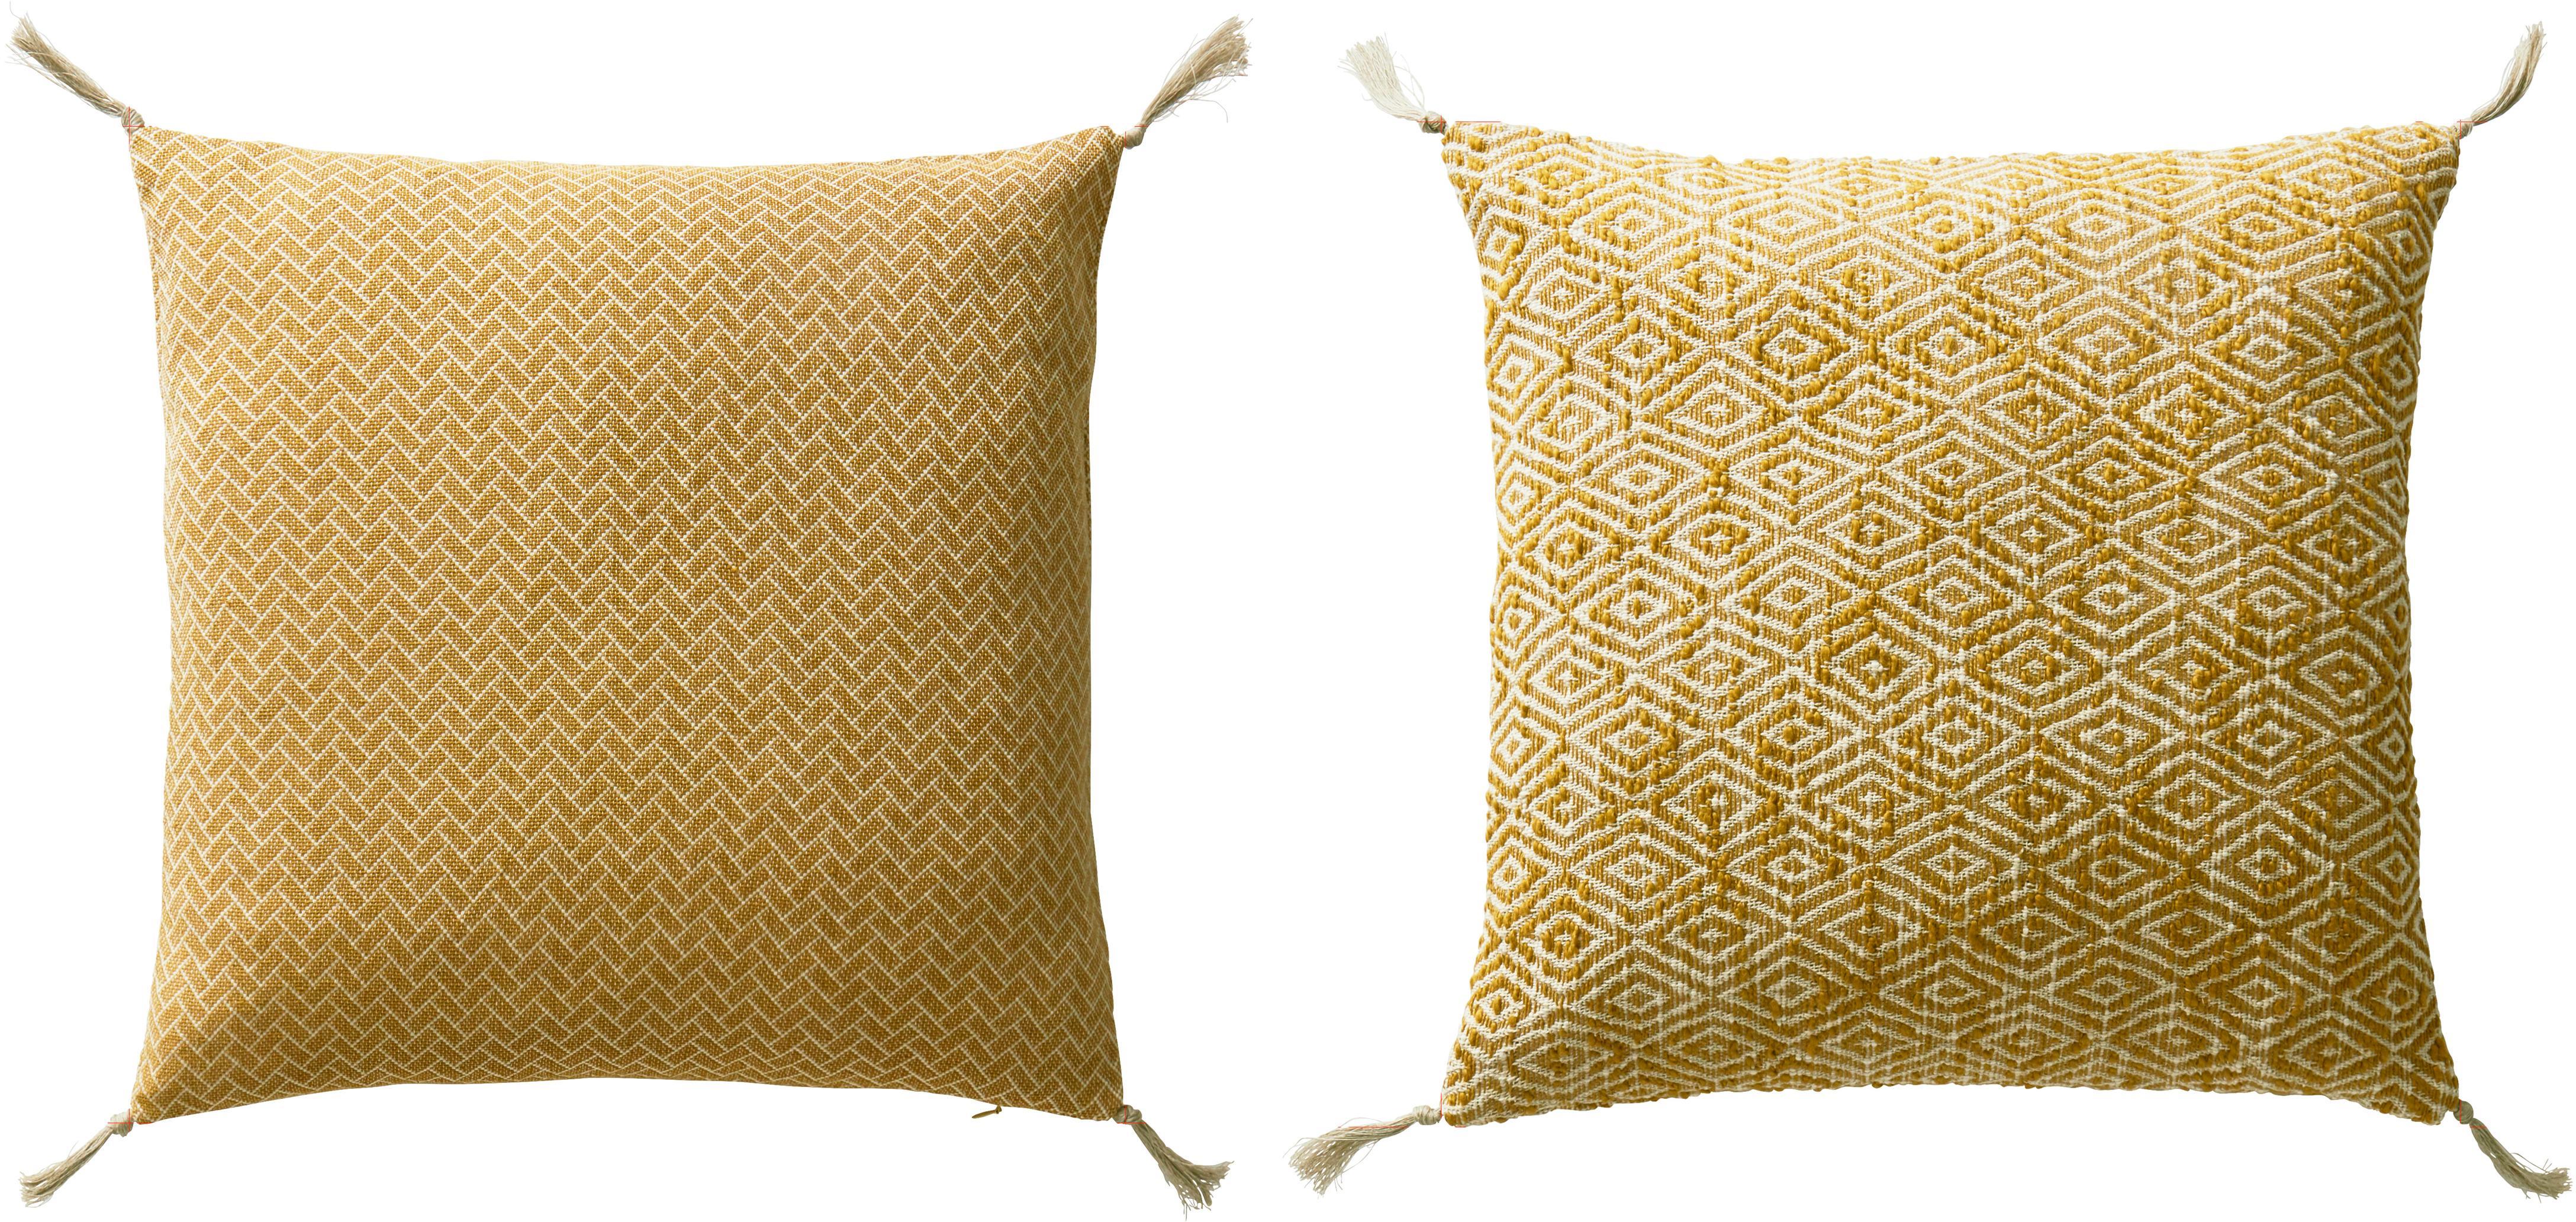 Kussenhoezenset met patroon Fancy  met kwastjes, 2-delig, 100% katoen, Geel, gebroken wit, 45 x 45 cm